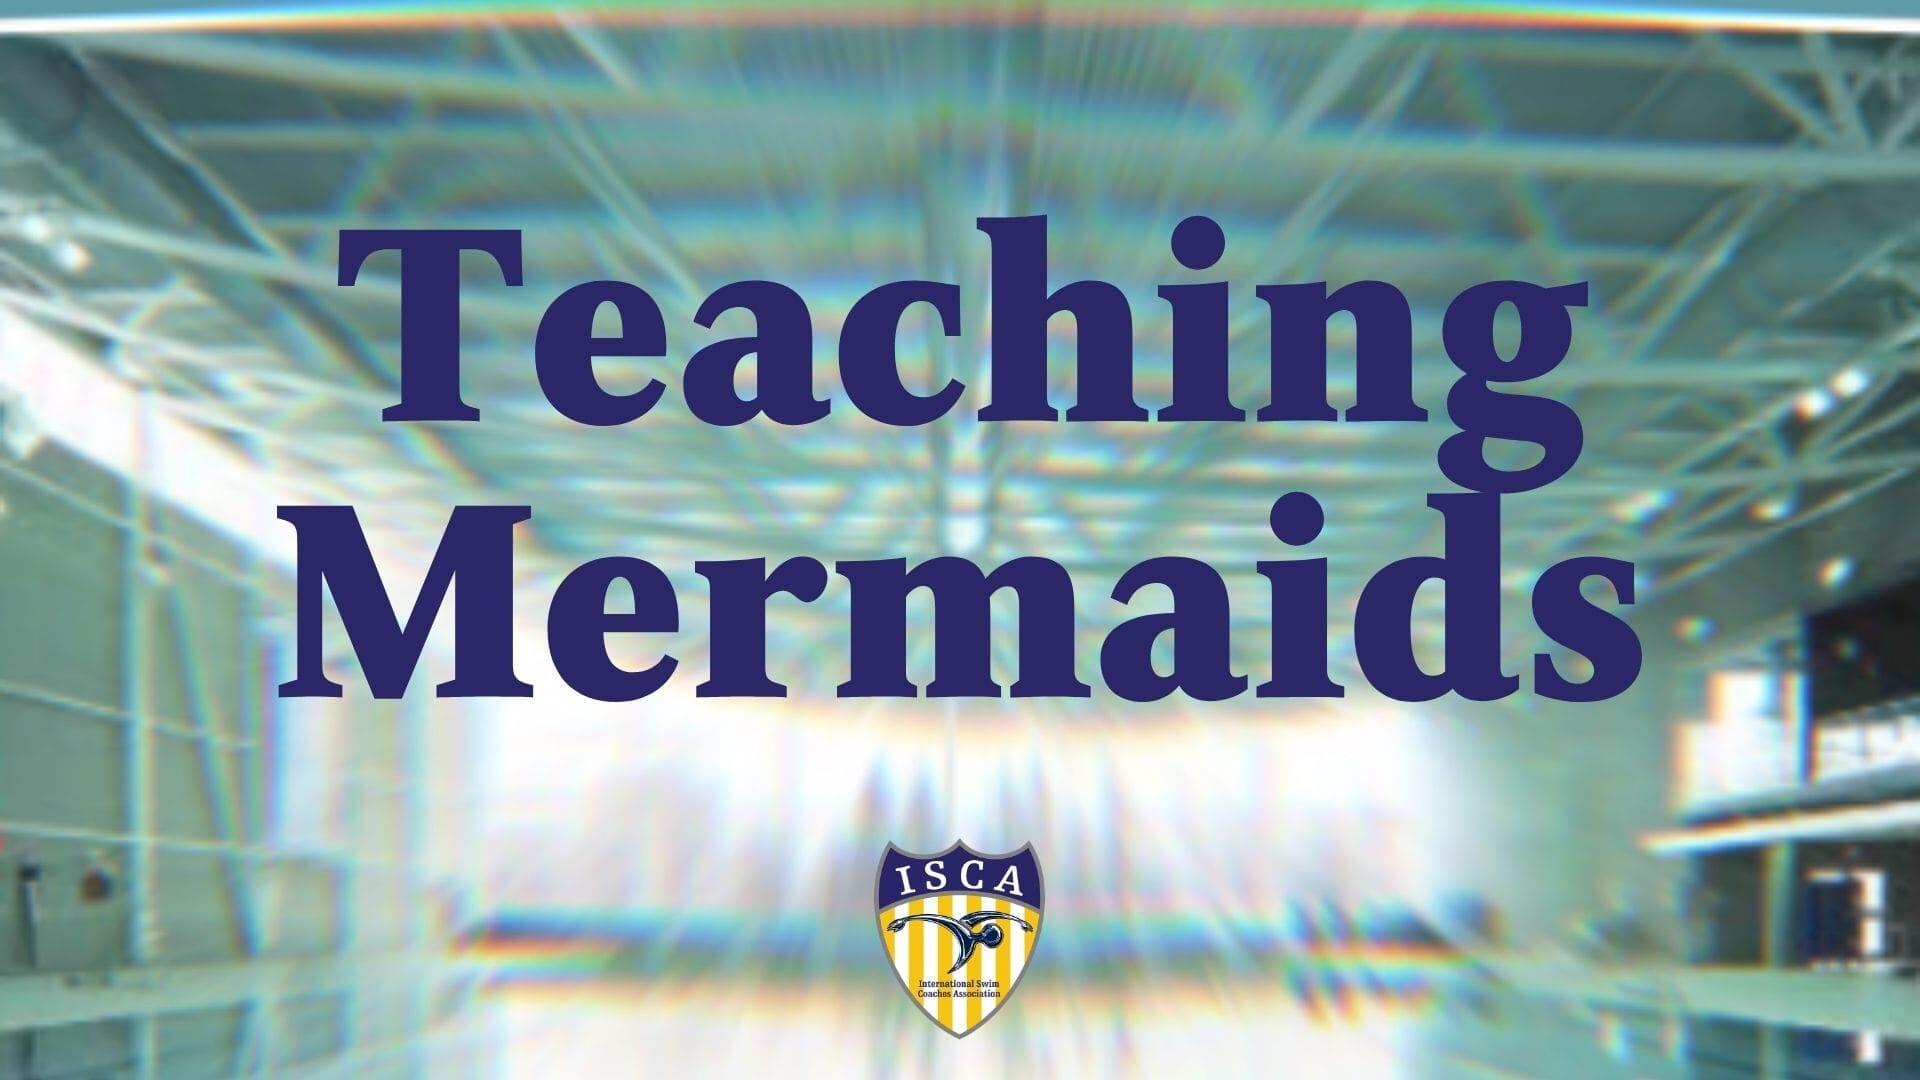 Teaching Mermaids